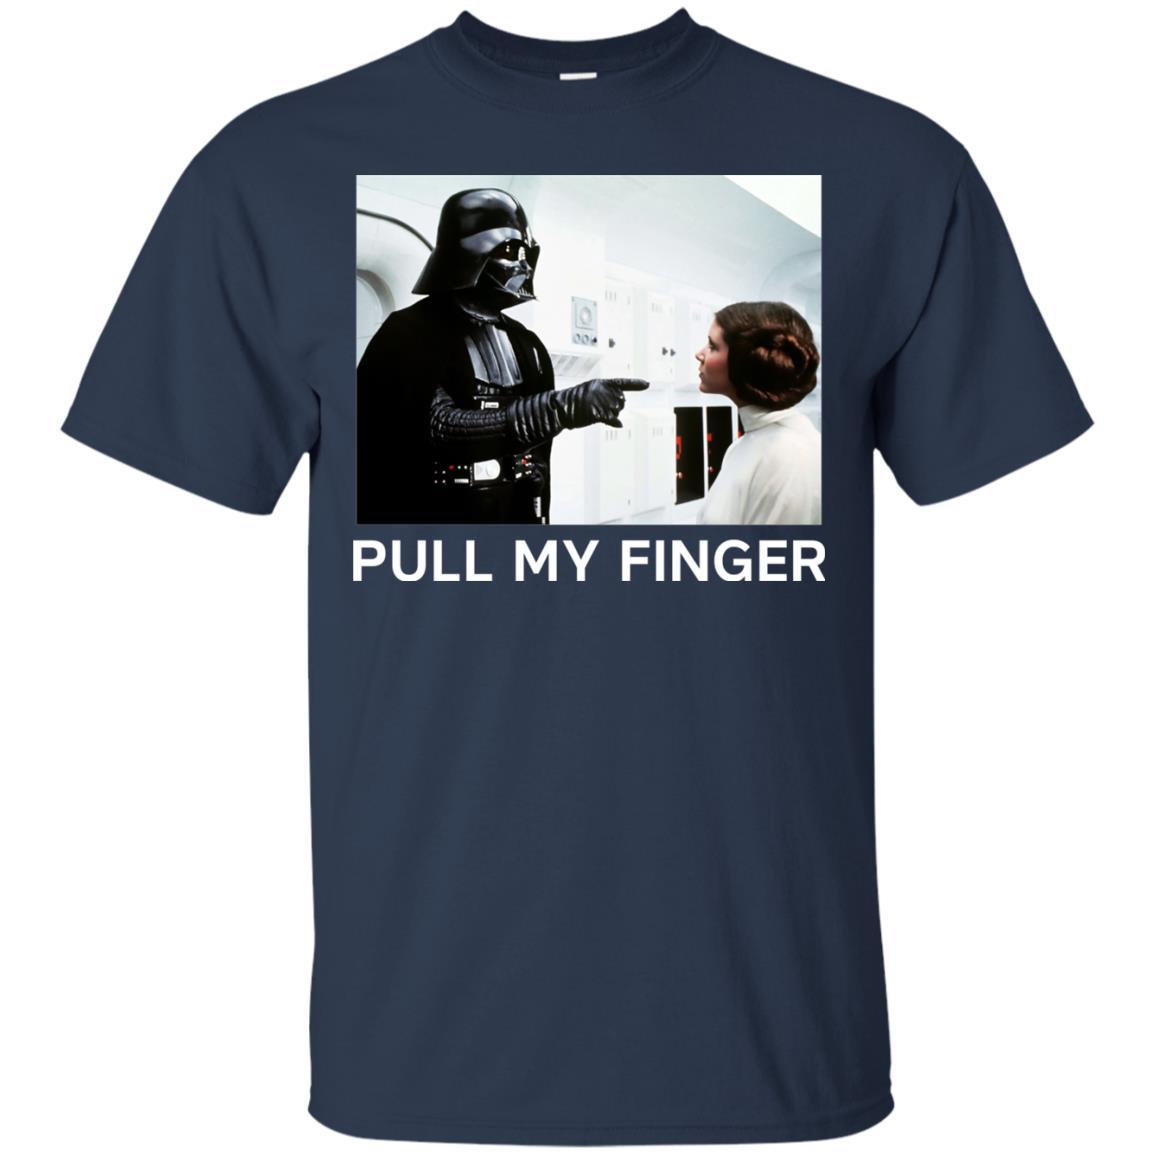 image 532 - Star Wars Darth Vader & Princess Leia: Pull My Finger shirt